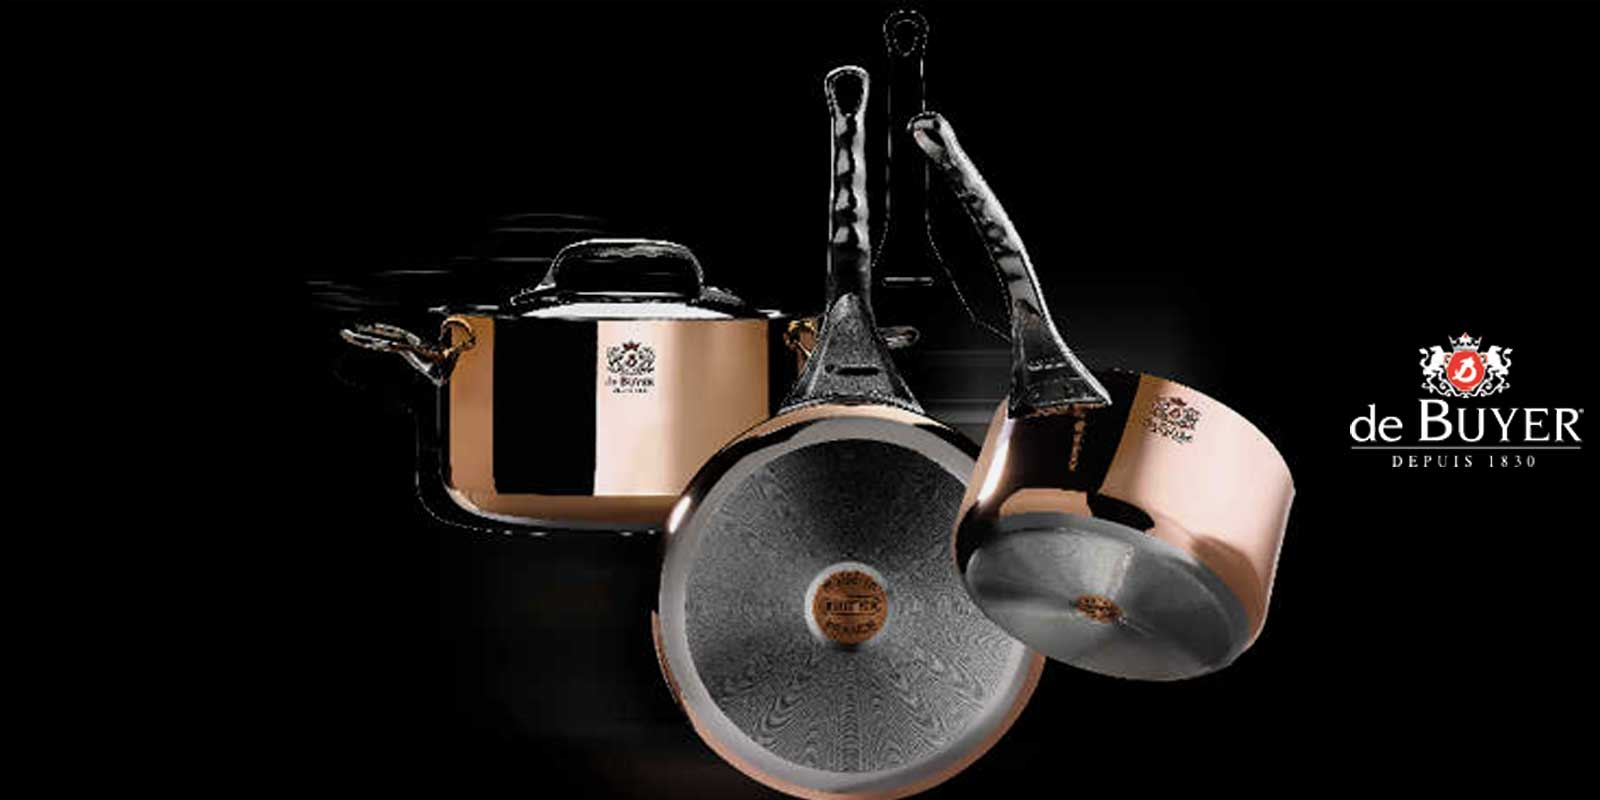 de BUYER Kochgeschirr aus Frankreich 1830 wurde in Frankreich das Unternehmen de Buyer gegründet und stellt seitdem professionelle Koch- und Backutensilien her. Die traditionelle Herstellung Der Eisenwaren ist schon seit Jahrzehnten in der Gastronomie bekannt und geschätzt.